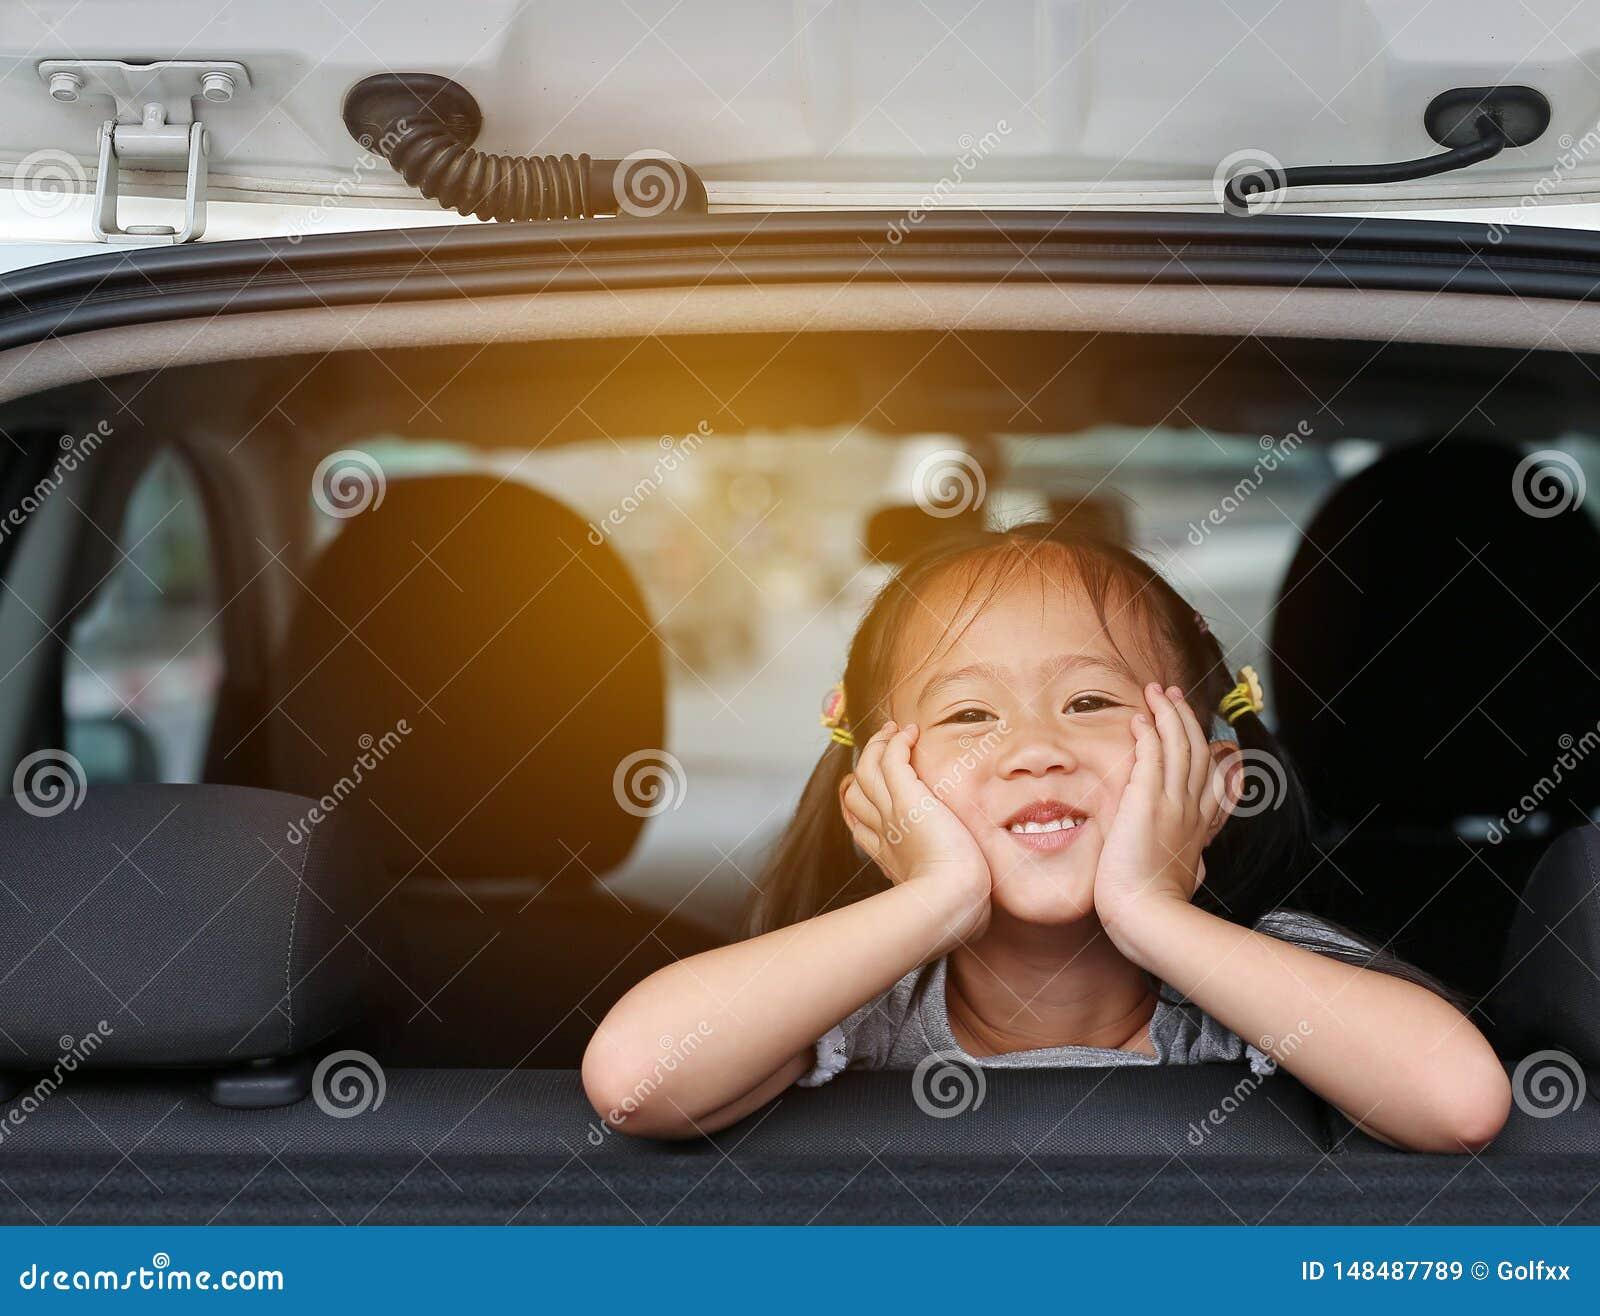 Leuk weinig Aziatisch meisje die camera van het venster van de auto met stralen van zonlicht kijken